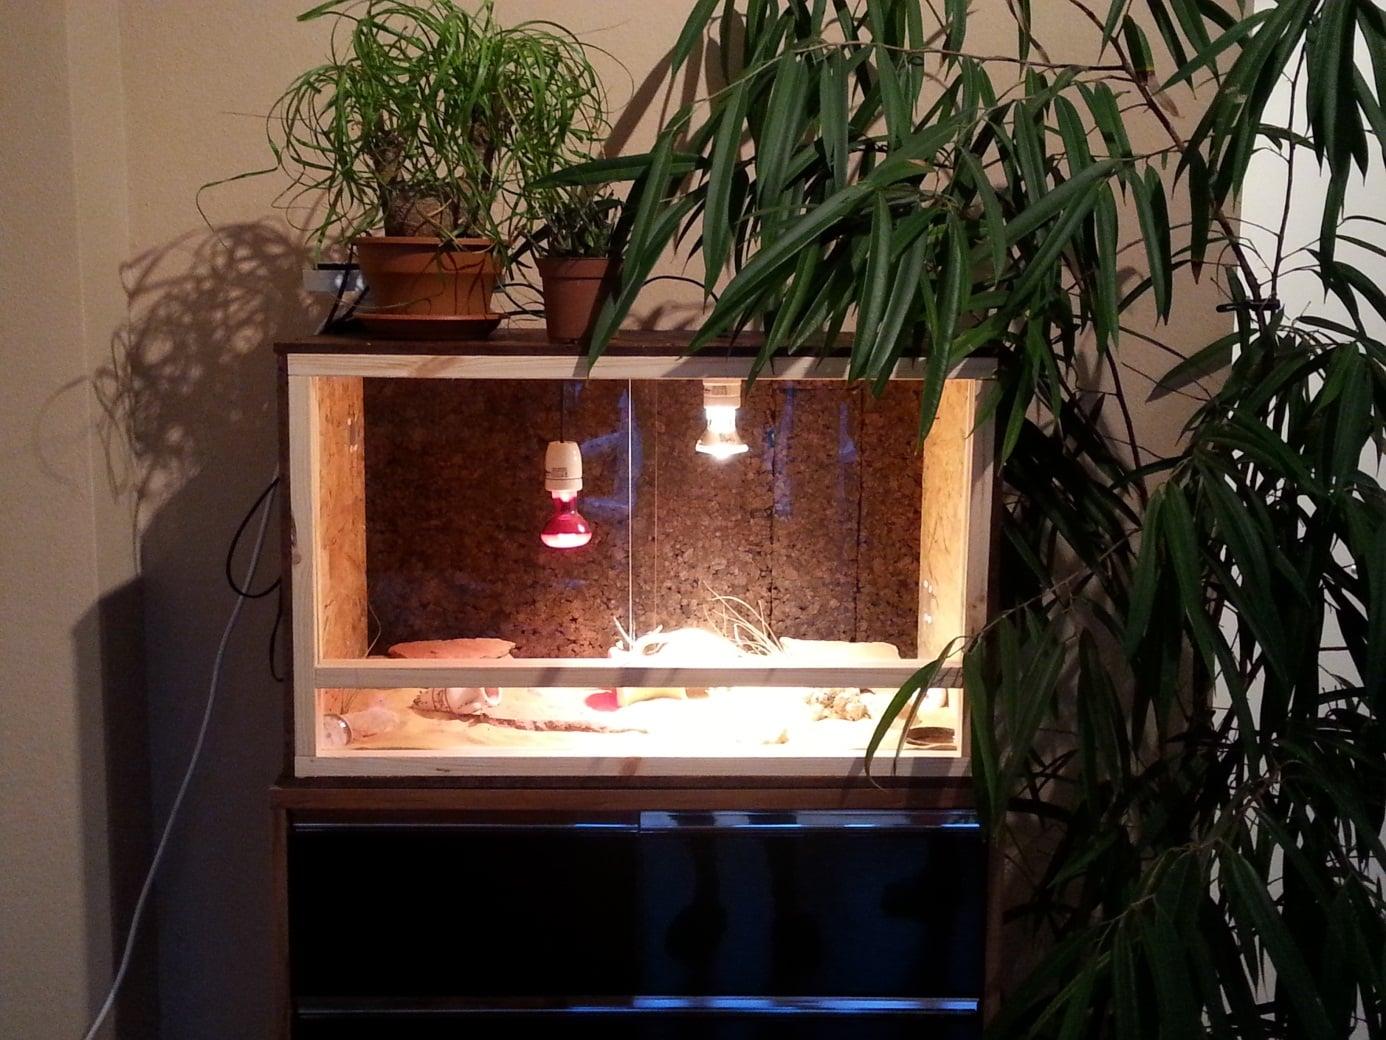 zwerggecko-terrarium